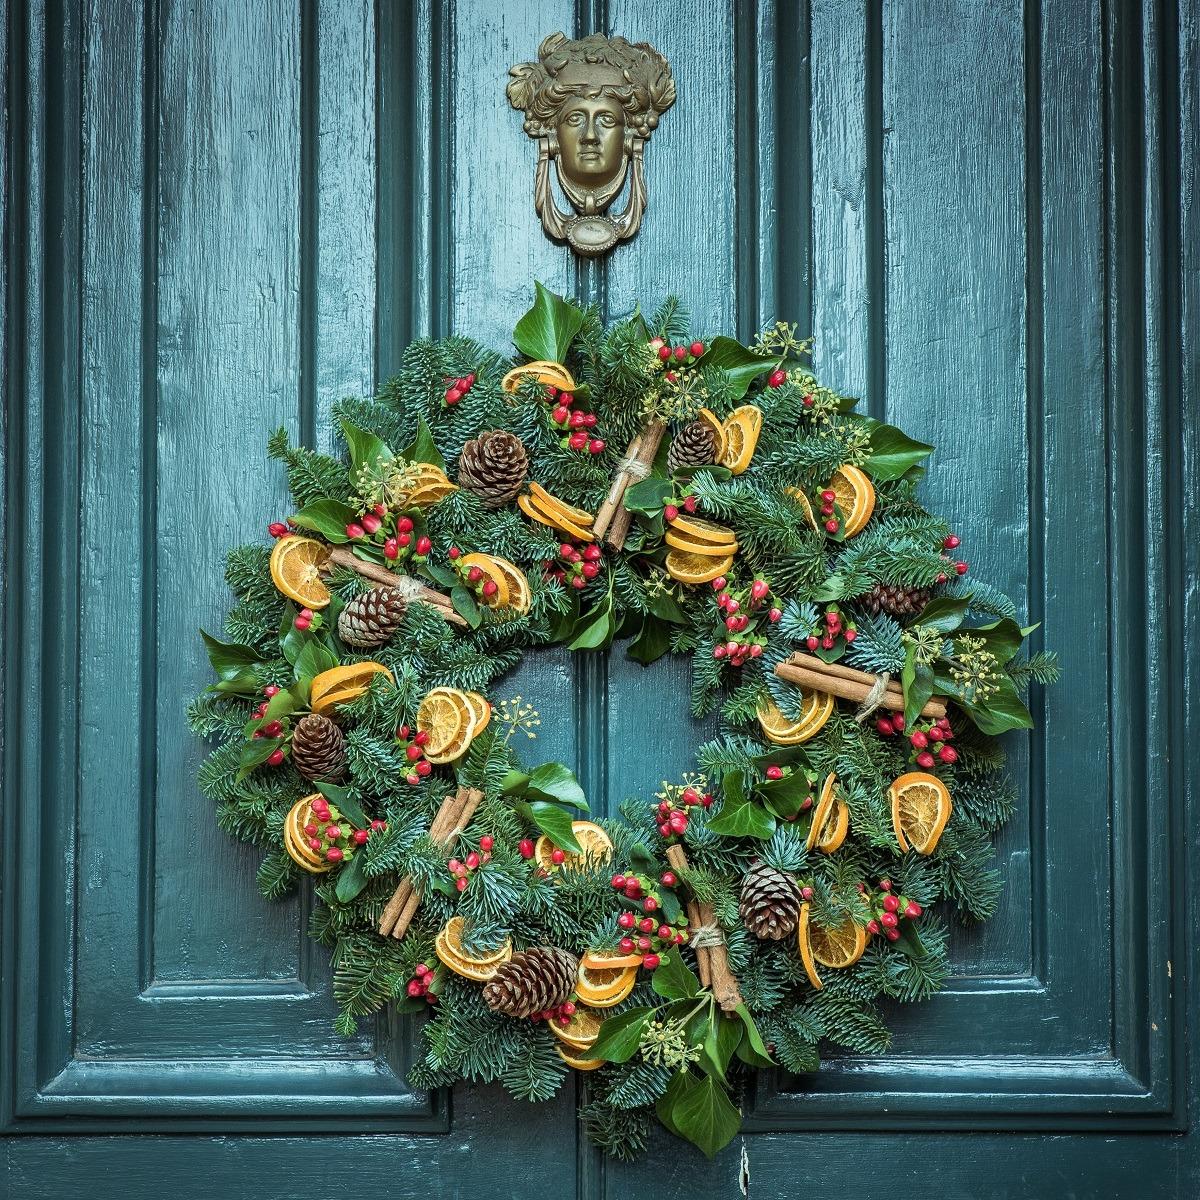 Couronne de Noël sur une porte bleue.